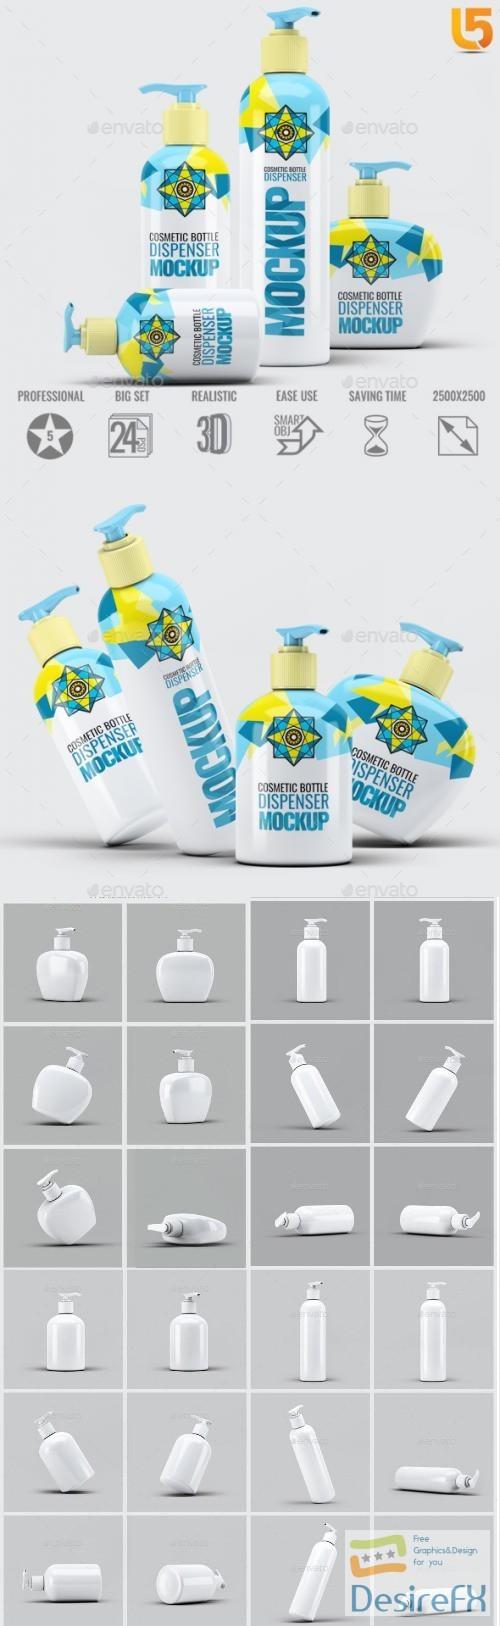 mock-up - Dispenser Bottles Mock-Up Bundle - 22514523